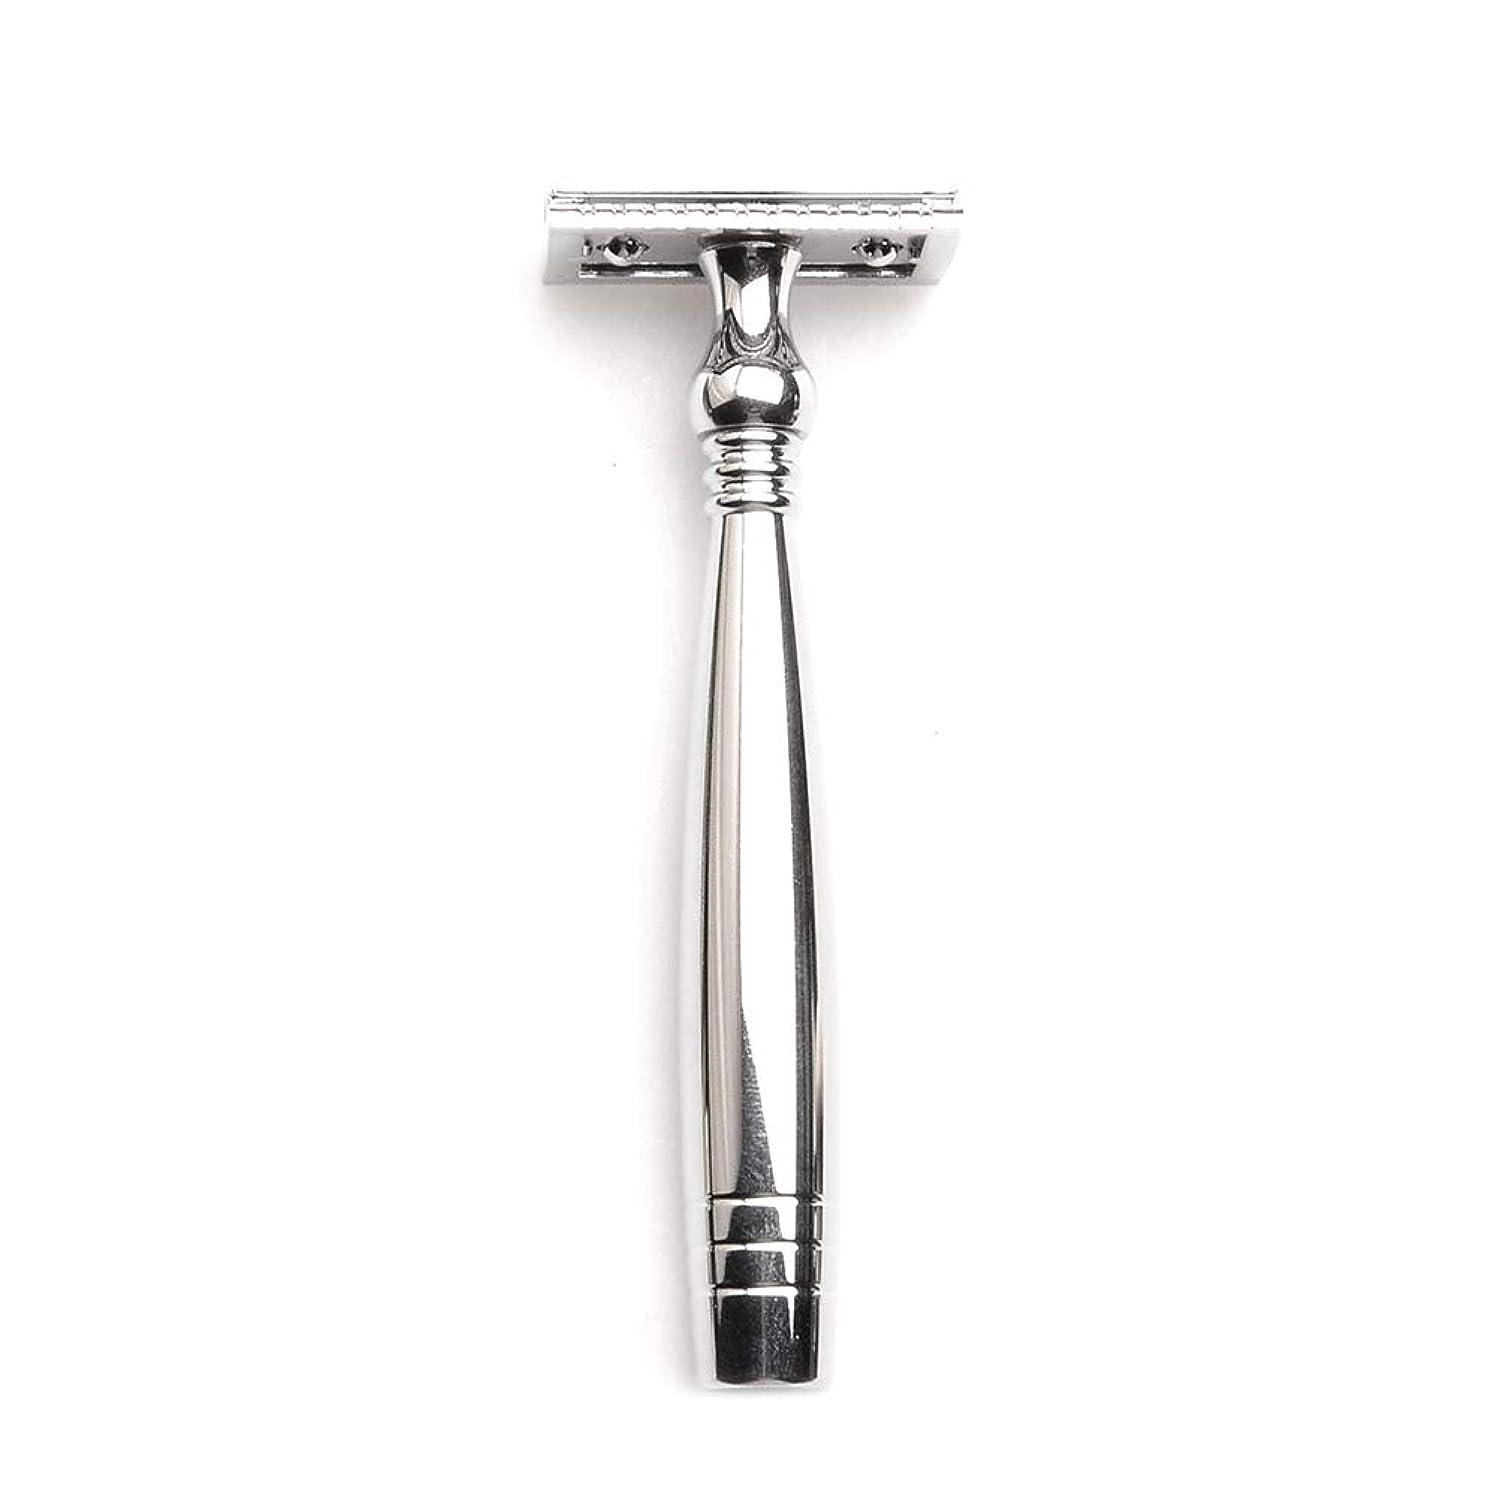 聞く許容減衰Decdeal 両面剃刀両面ステンレススチールトリマー男性の伝統的なひげ剃りメタルカミソリ長いハンドルで男性のひげ剃りツール